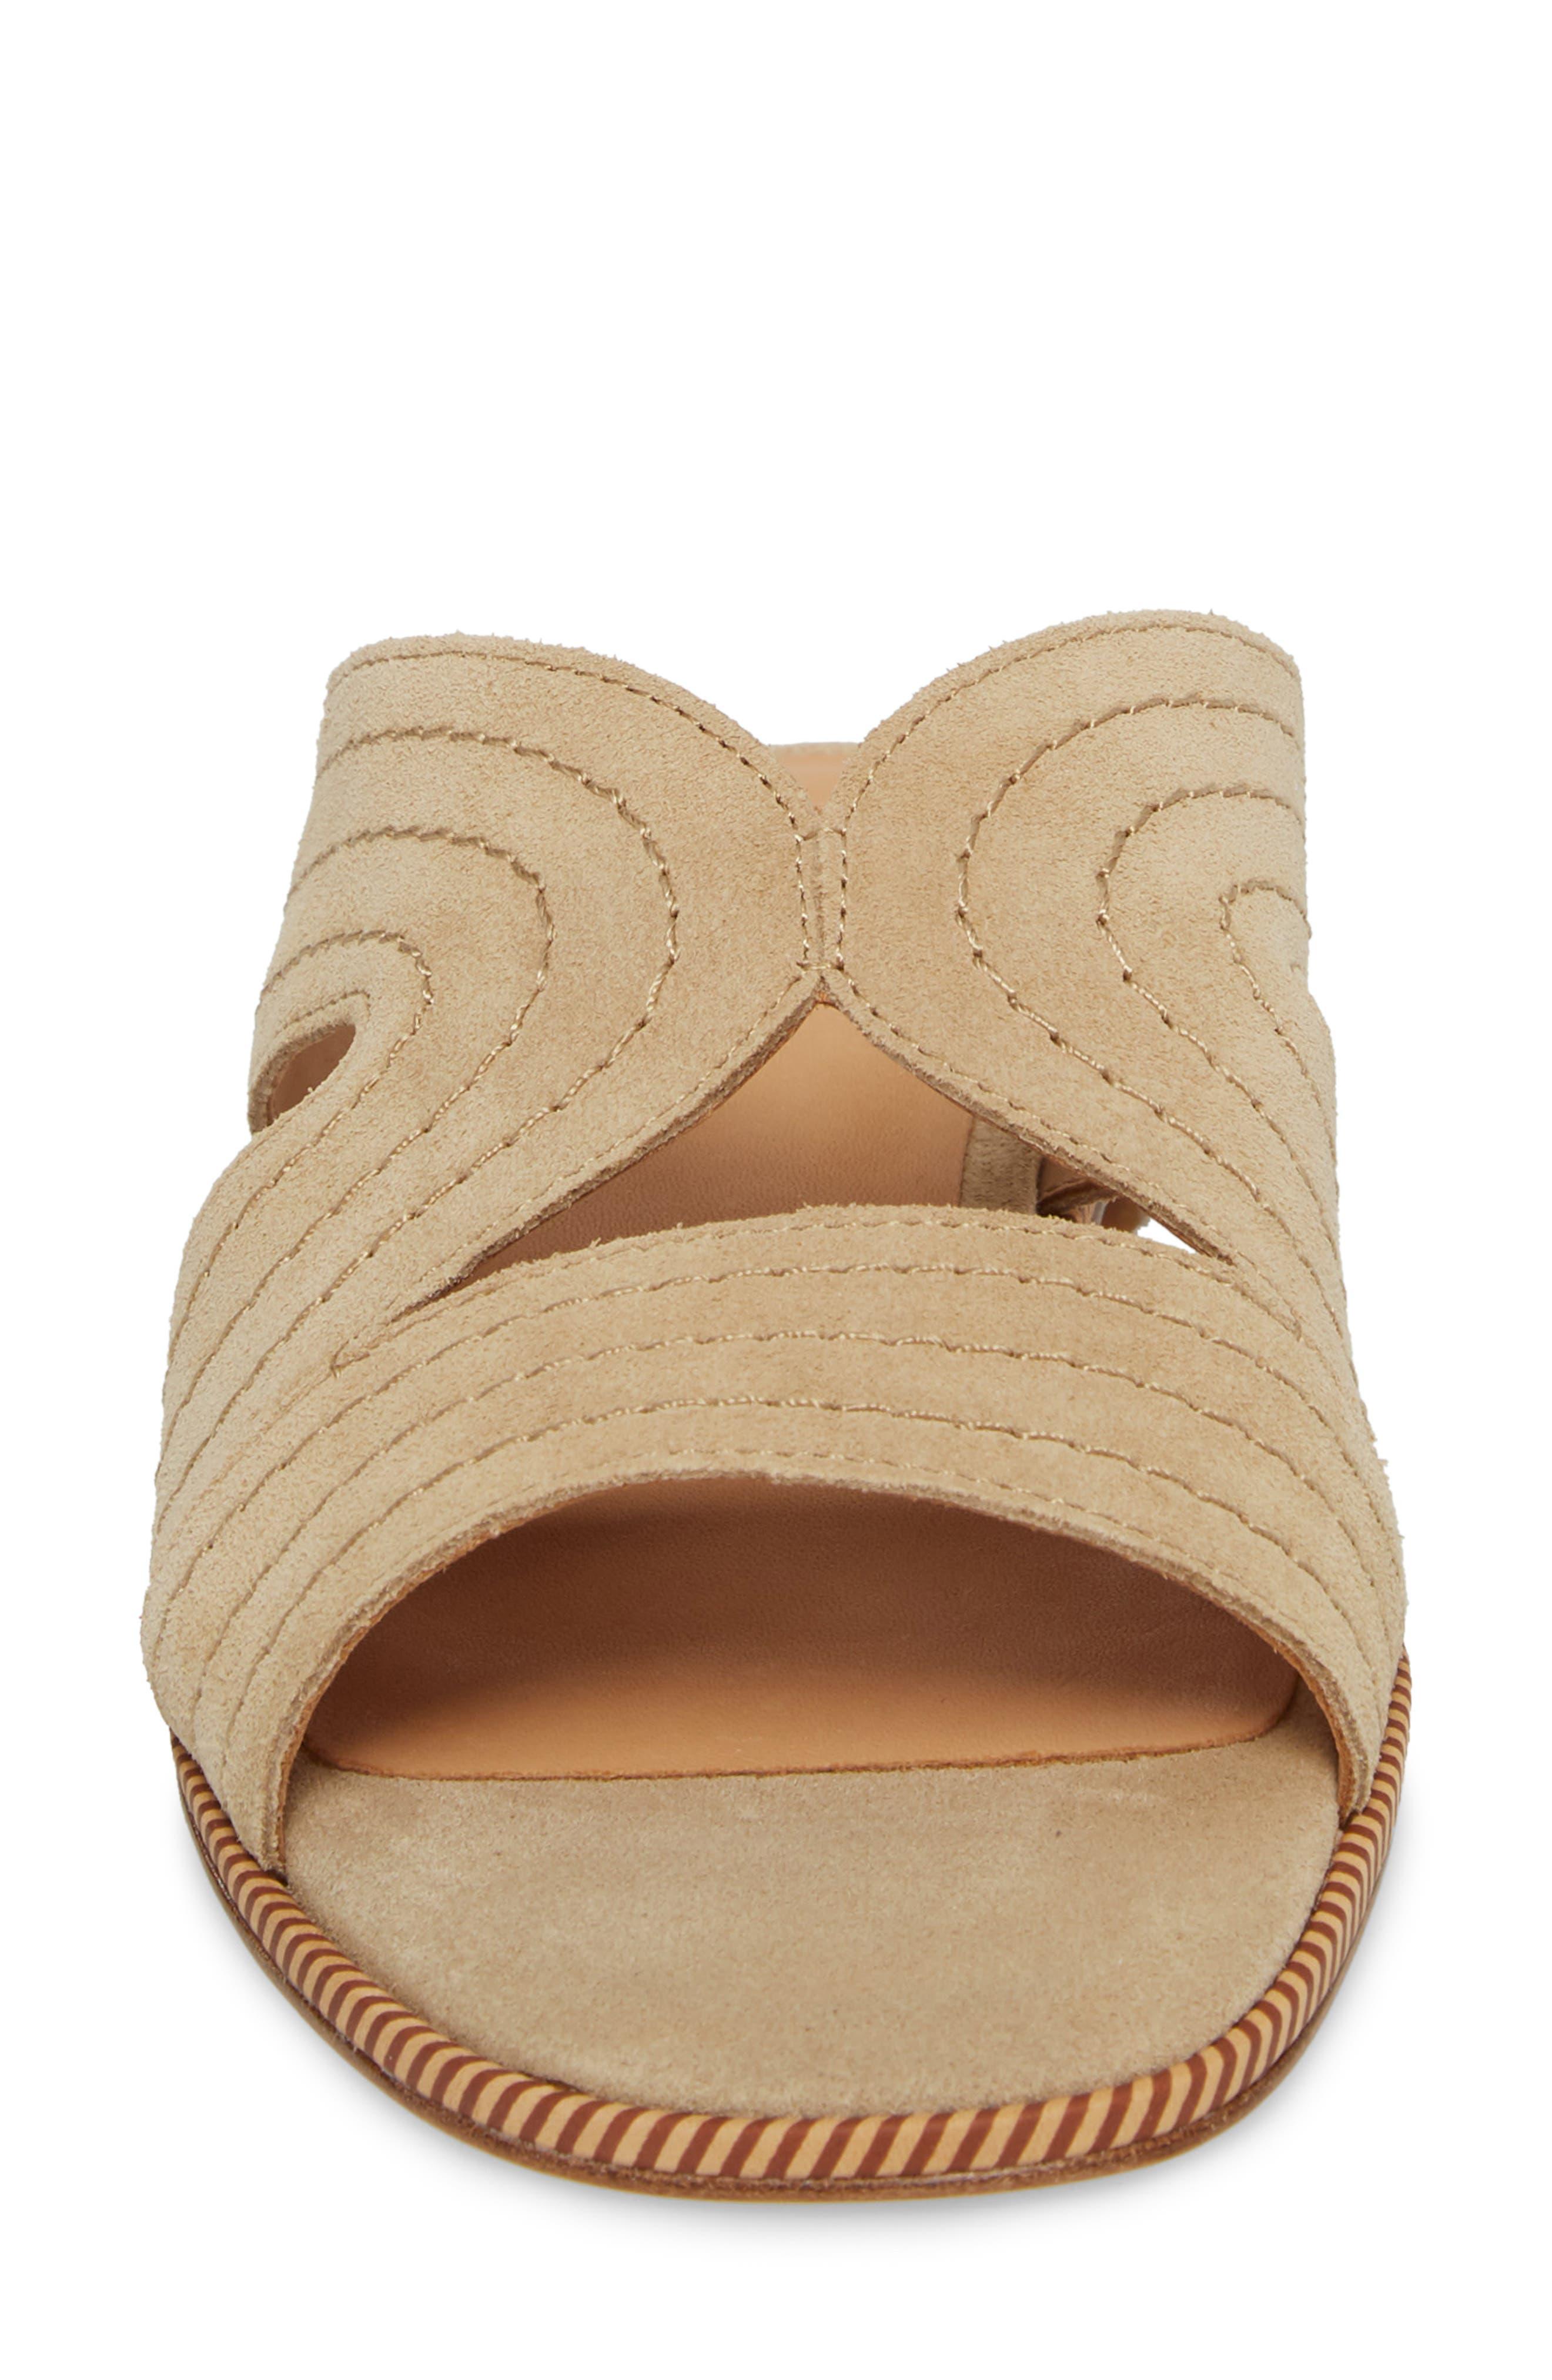 Paetyn Slide Sandal,                             Alternate thumbnail 4, color,                             250